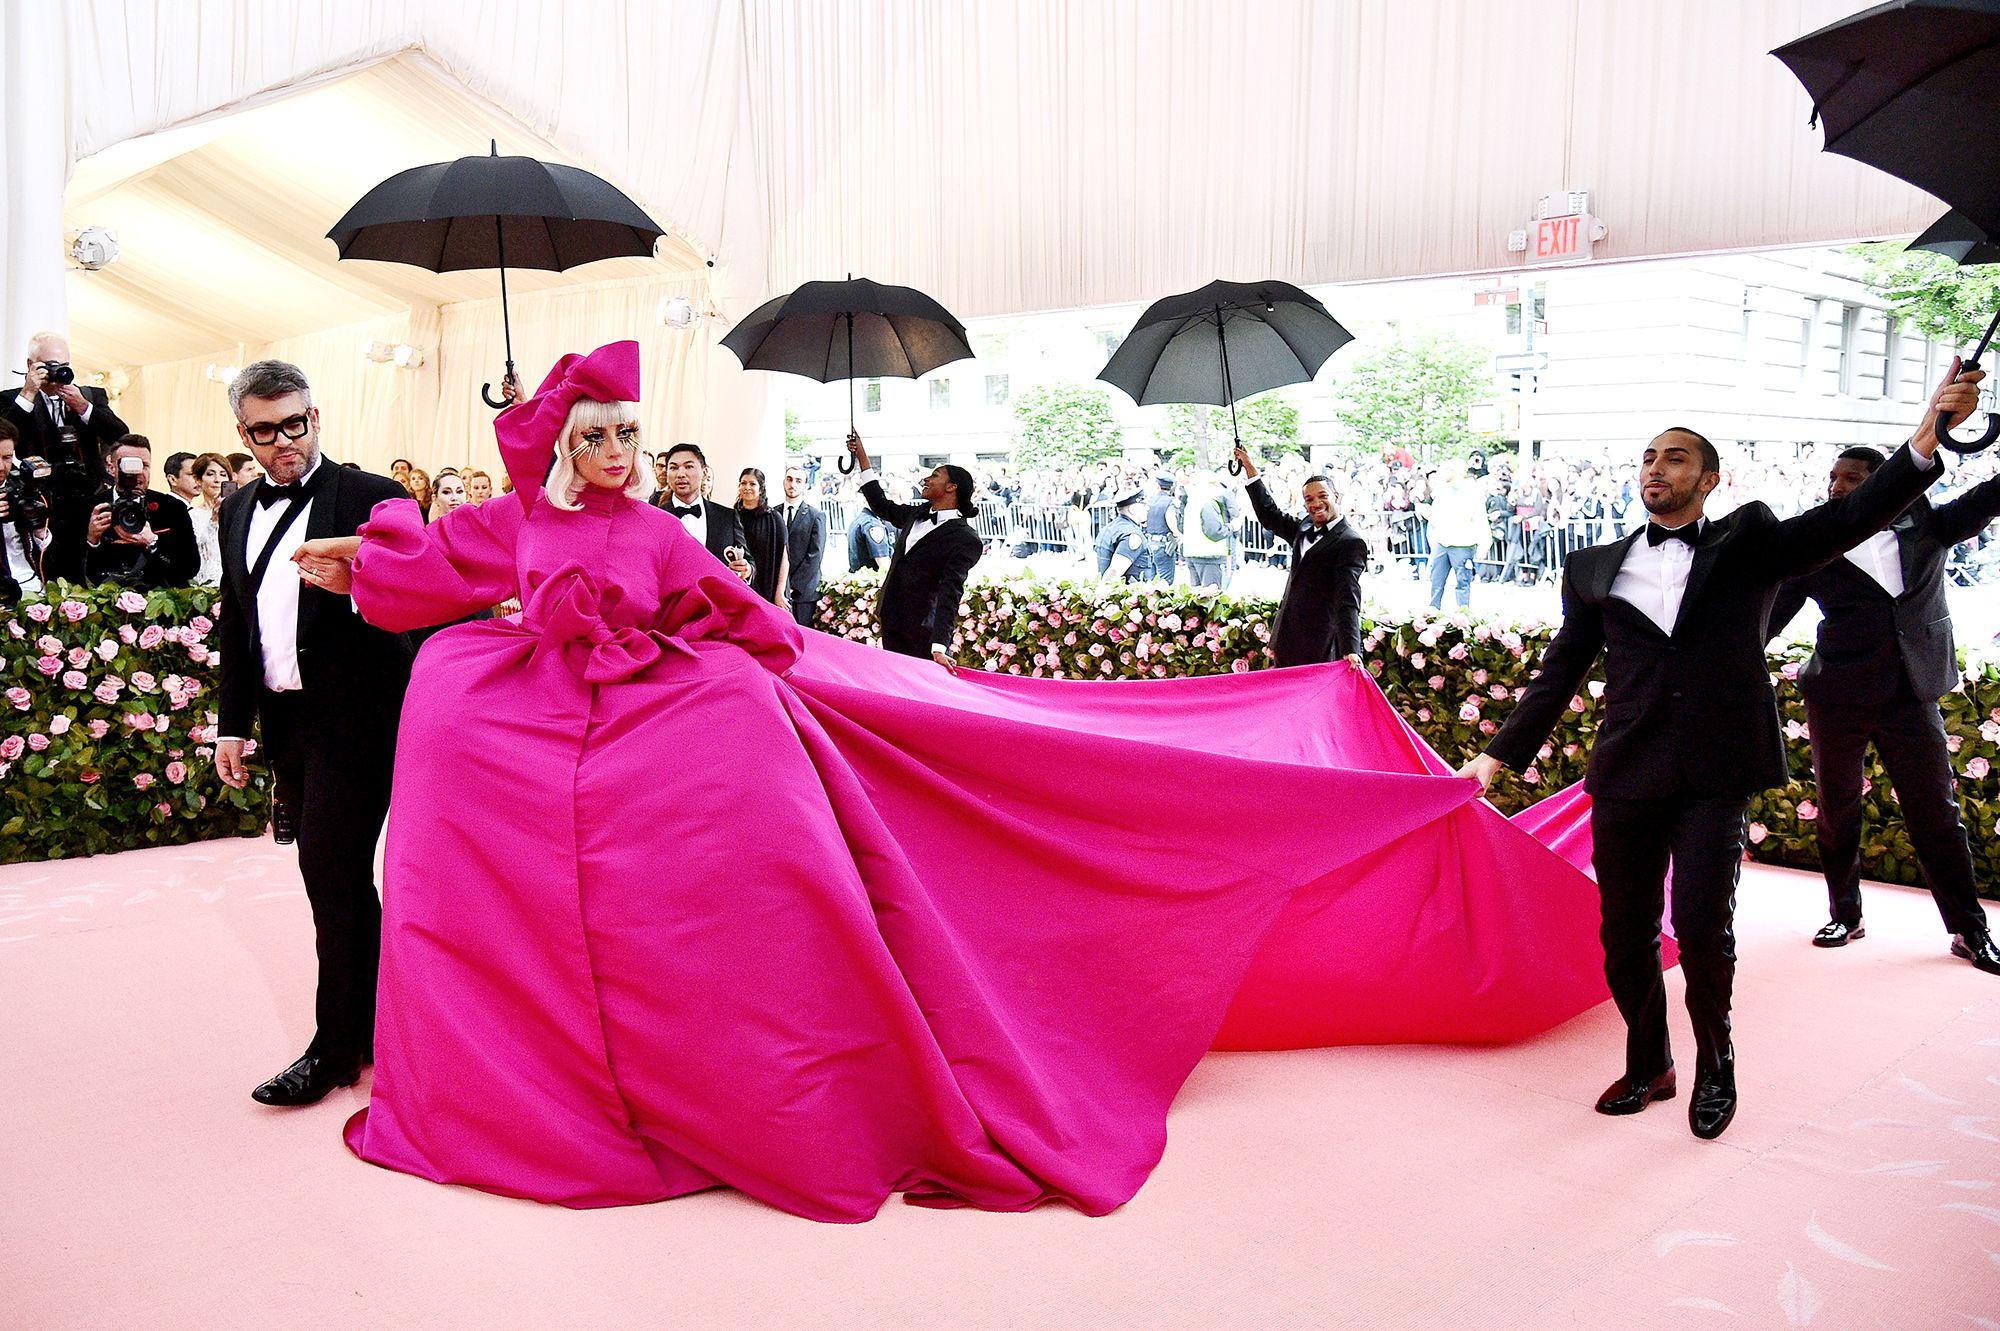 Nữ hoàng thảm đỏ Met Gala: Rihanna - Lady Gaga thi nhau combo độc - dị - lố, choáng nhất là Cardi B phô diễn body với bộ đồ 11 tỷ - Ảnh 33.